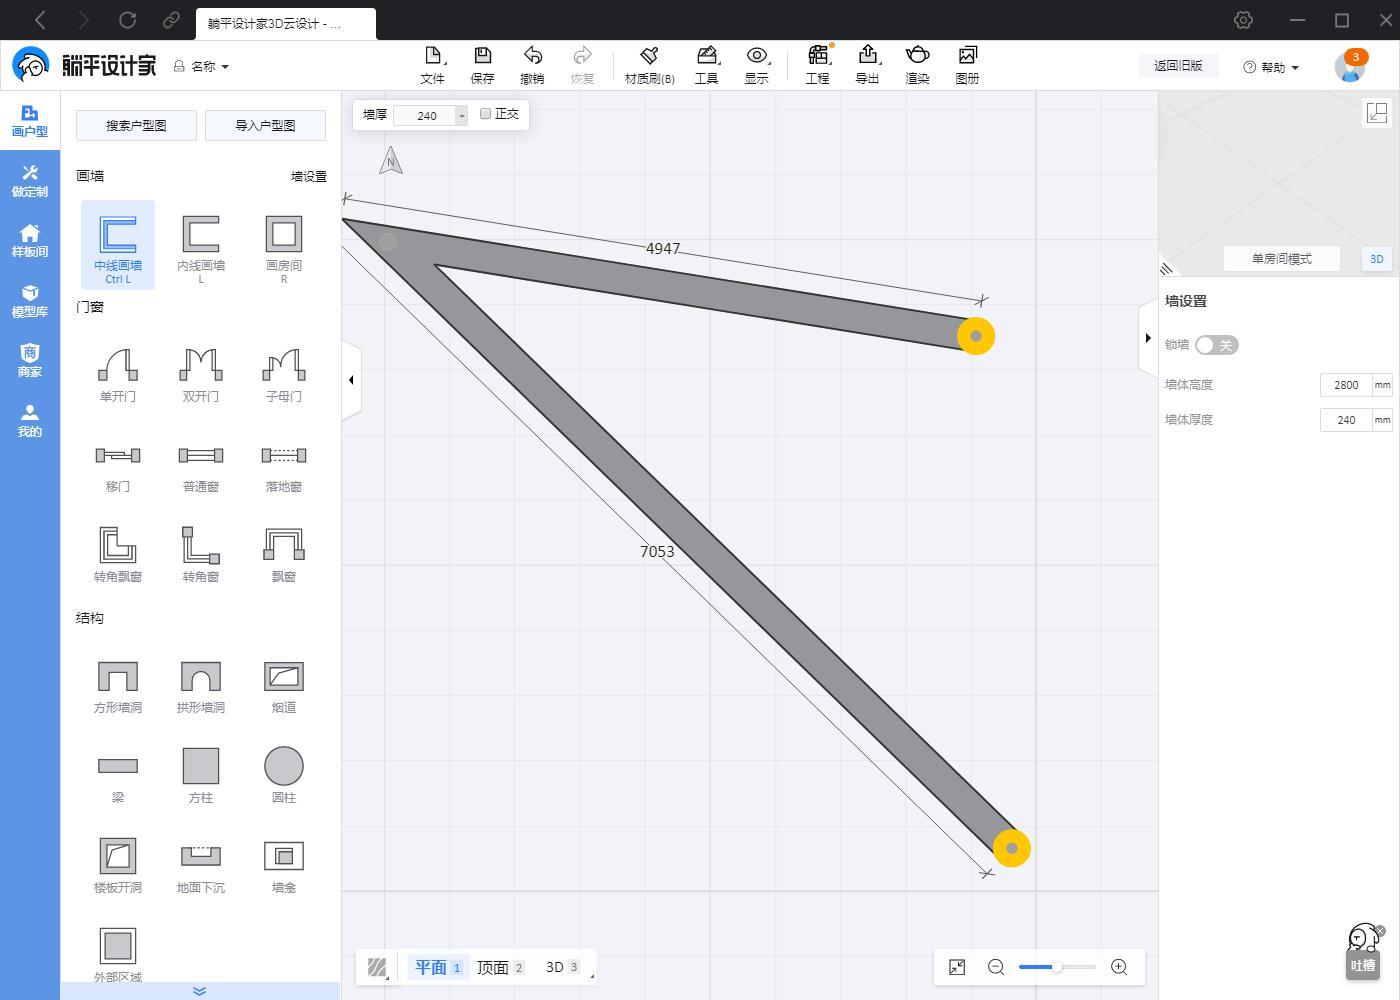 躺平设计家下载_躺平设计家 V3.0.0 官方安装版 一键